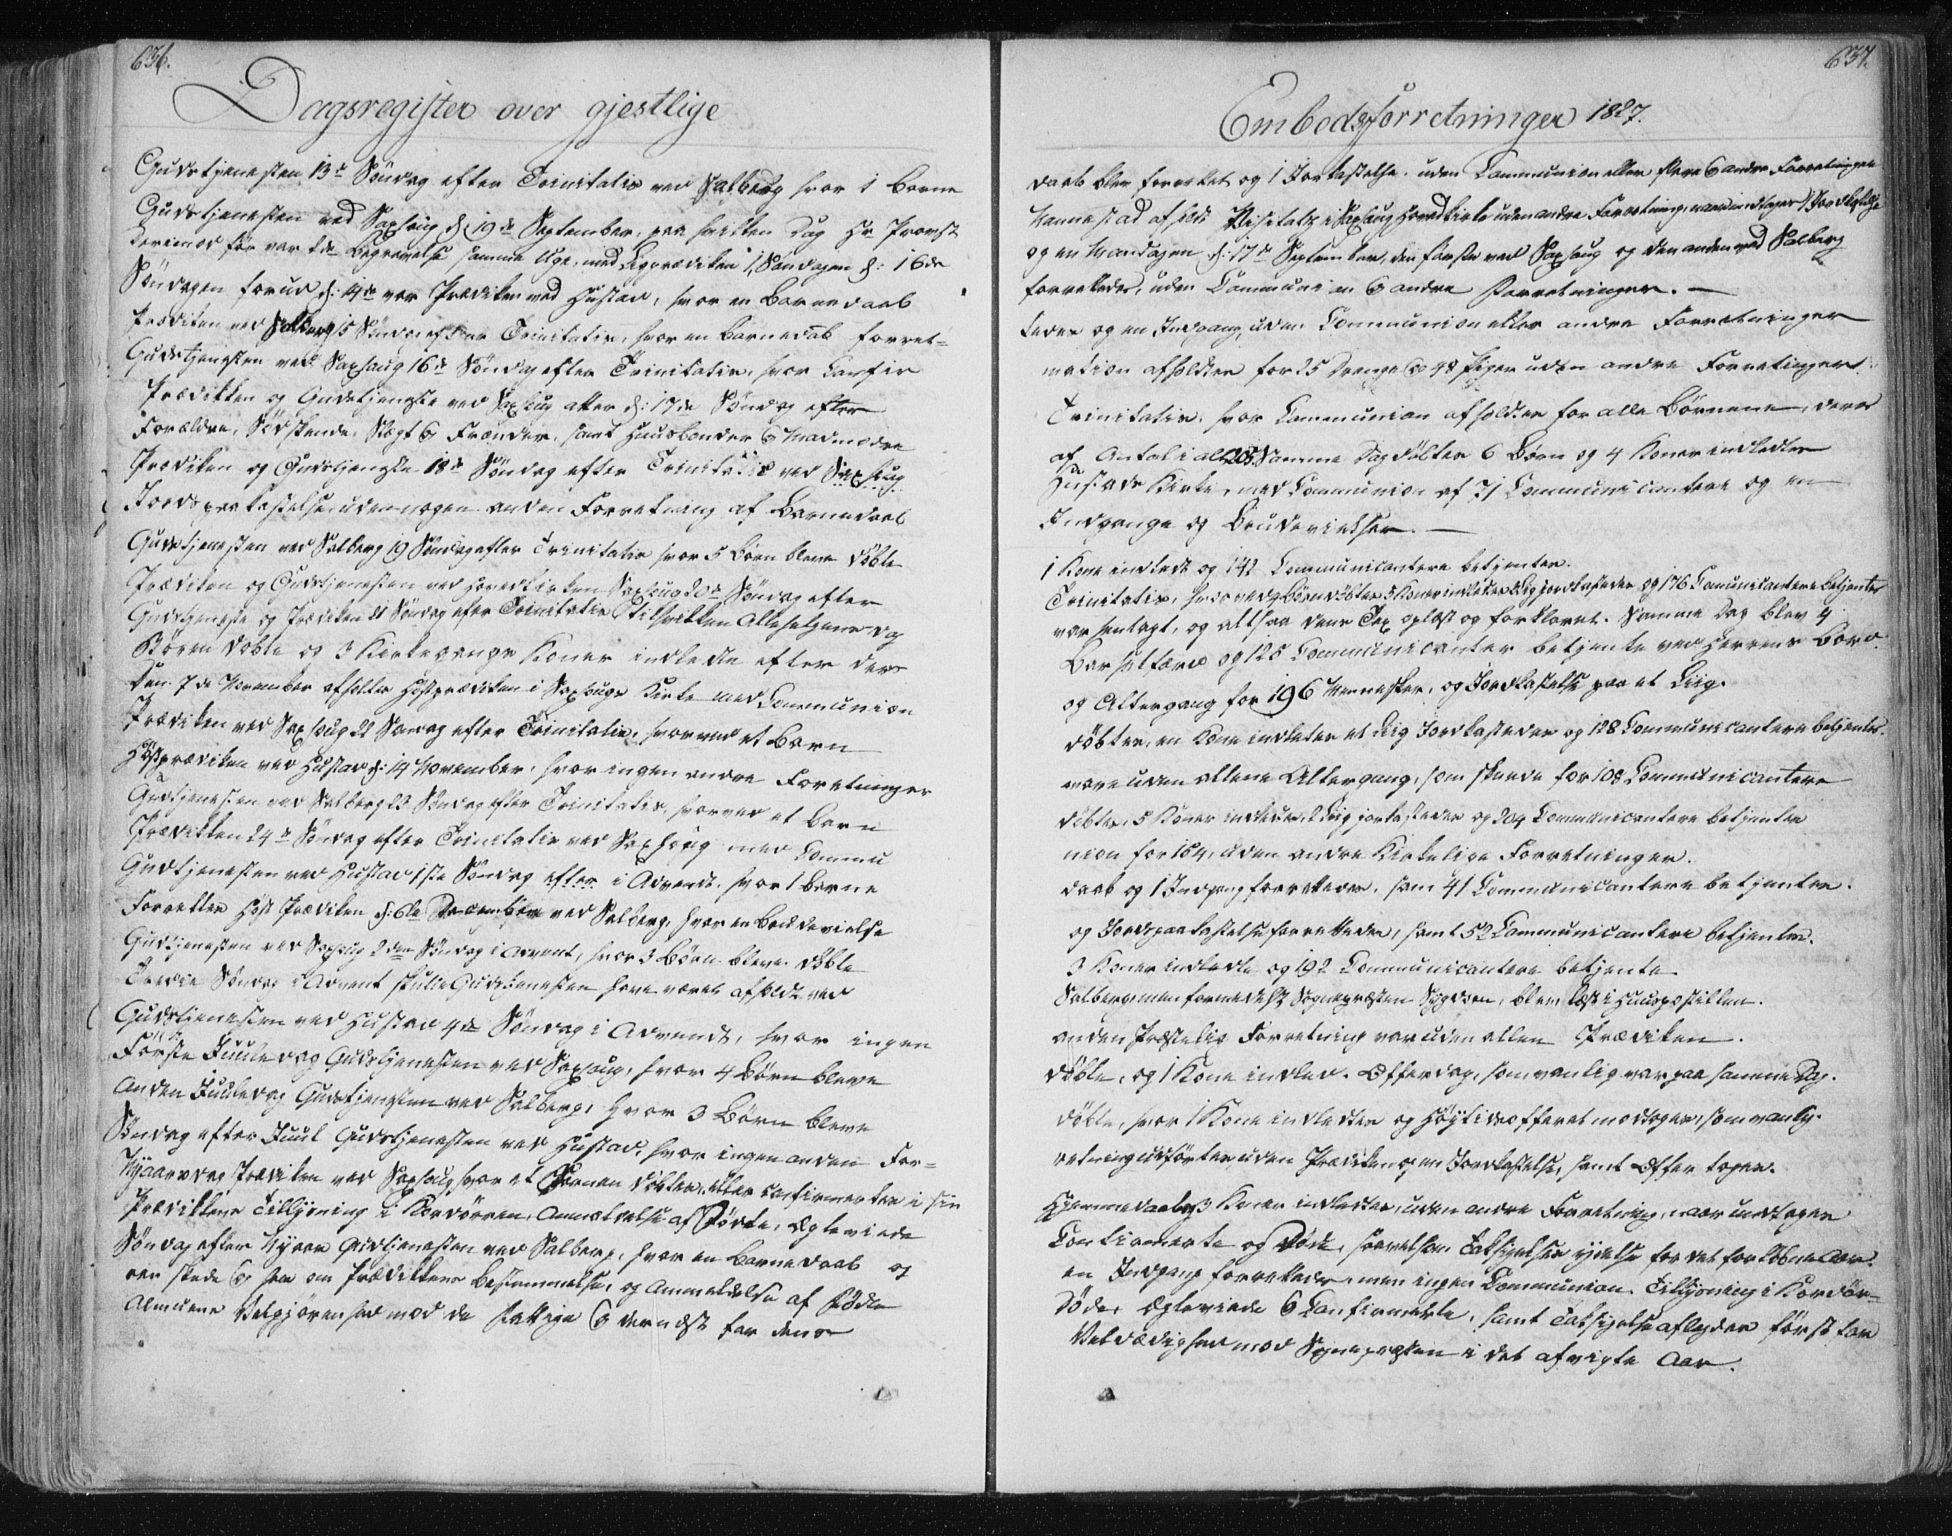 SAT, Ministerialprotokoller, klokkerbøker og fødselsregistre - Nord-Trøndelag, 730/L0276: Ministerialbok nr. 730A05, 1822-1830, s. 636-637